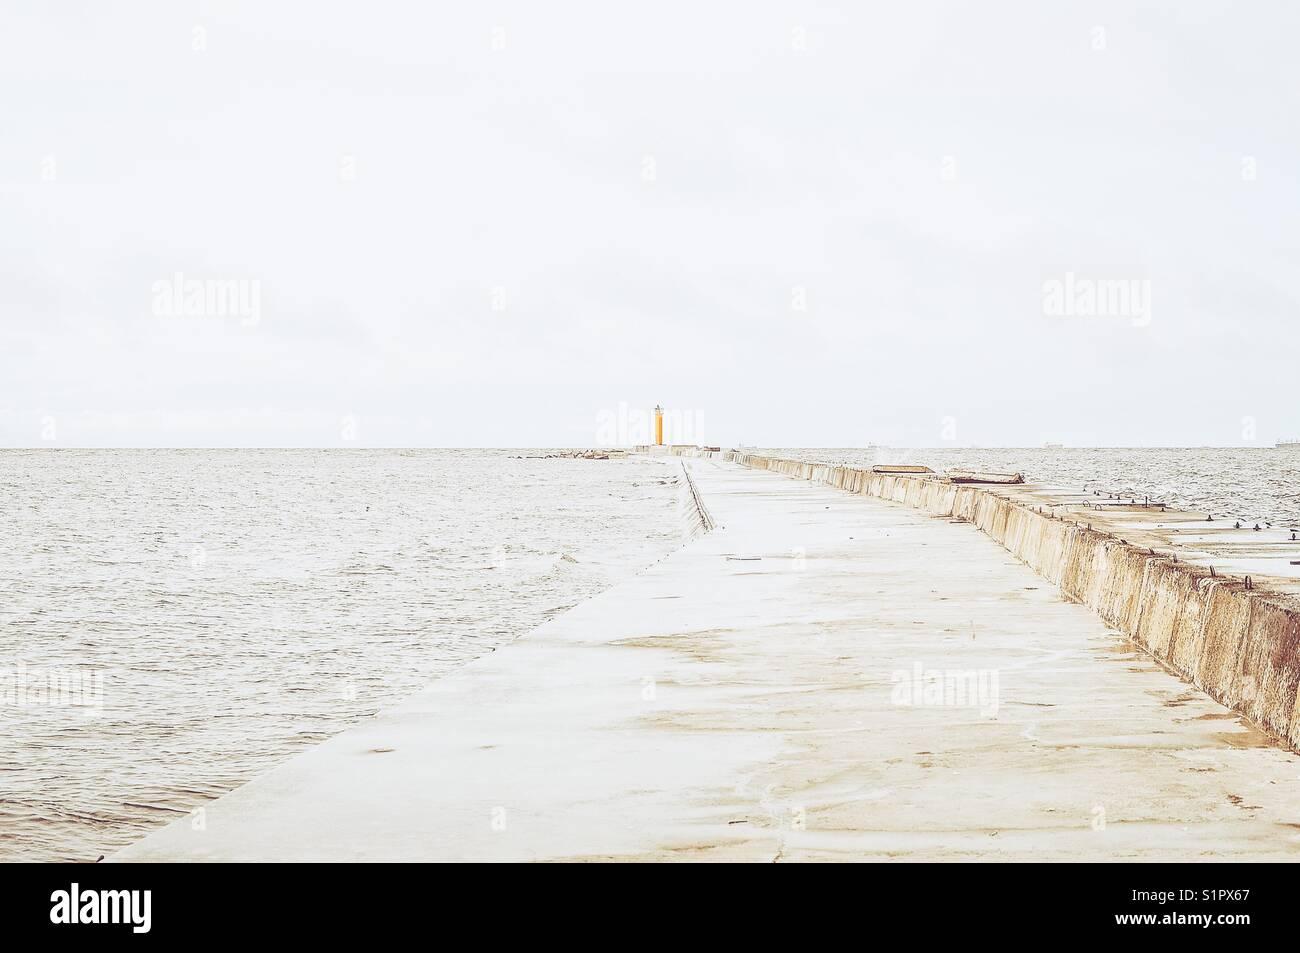 Ein Leuchtturm weit entfernt im Meer. Stockbild